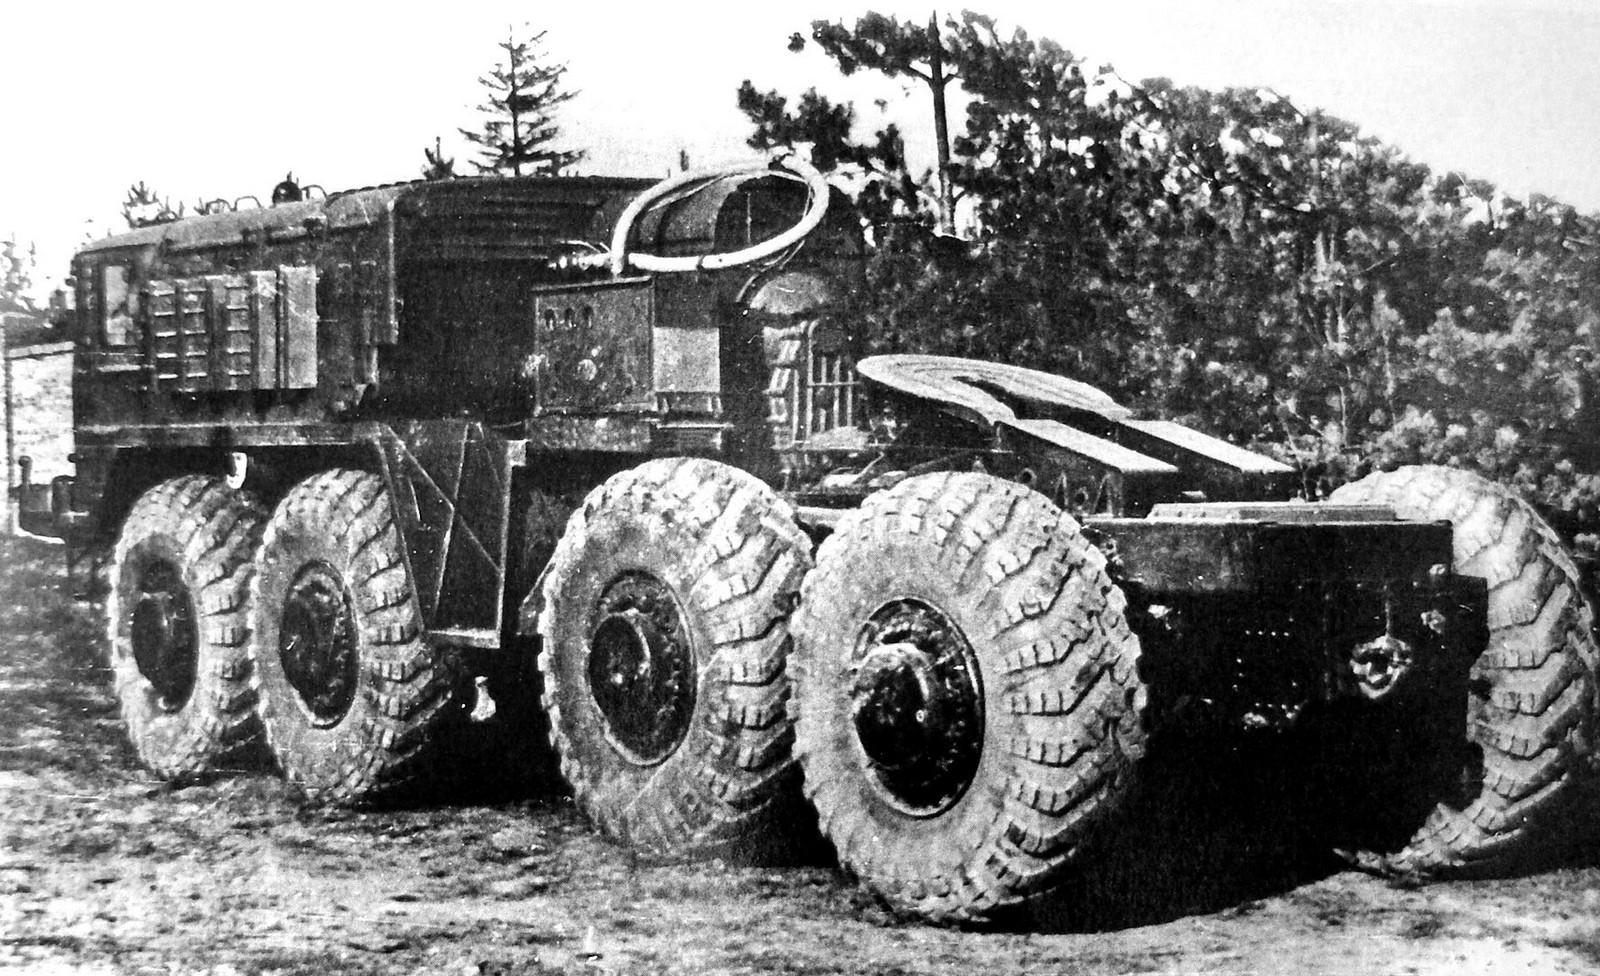 МАЗ-537Д с автономным электрогенератором и спецоборудованием (из архива А. Новикова)